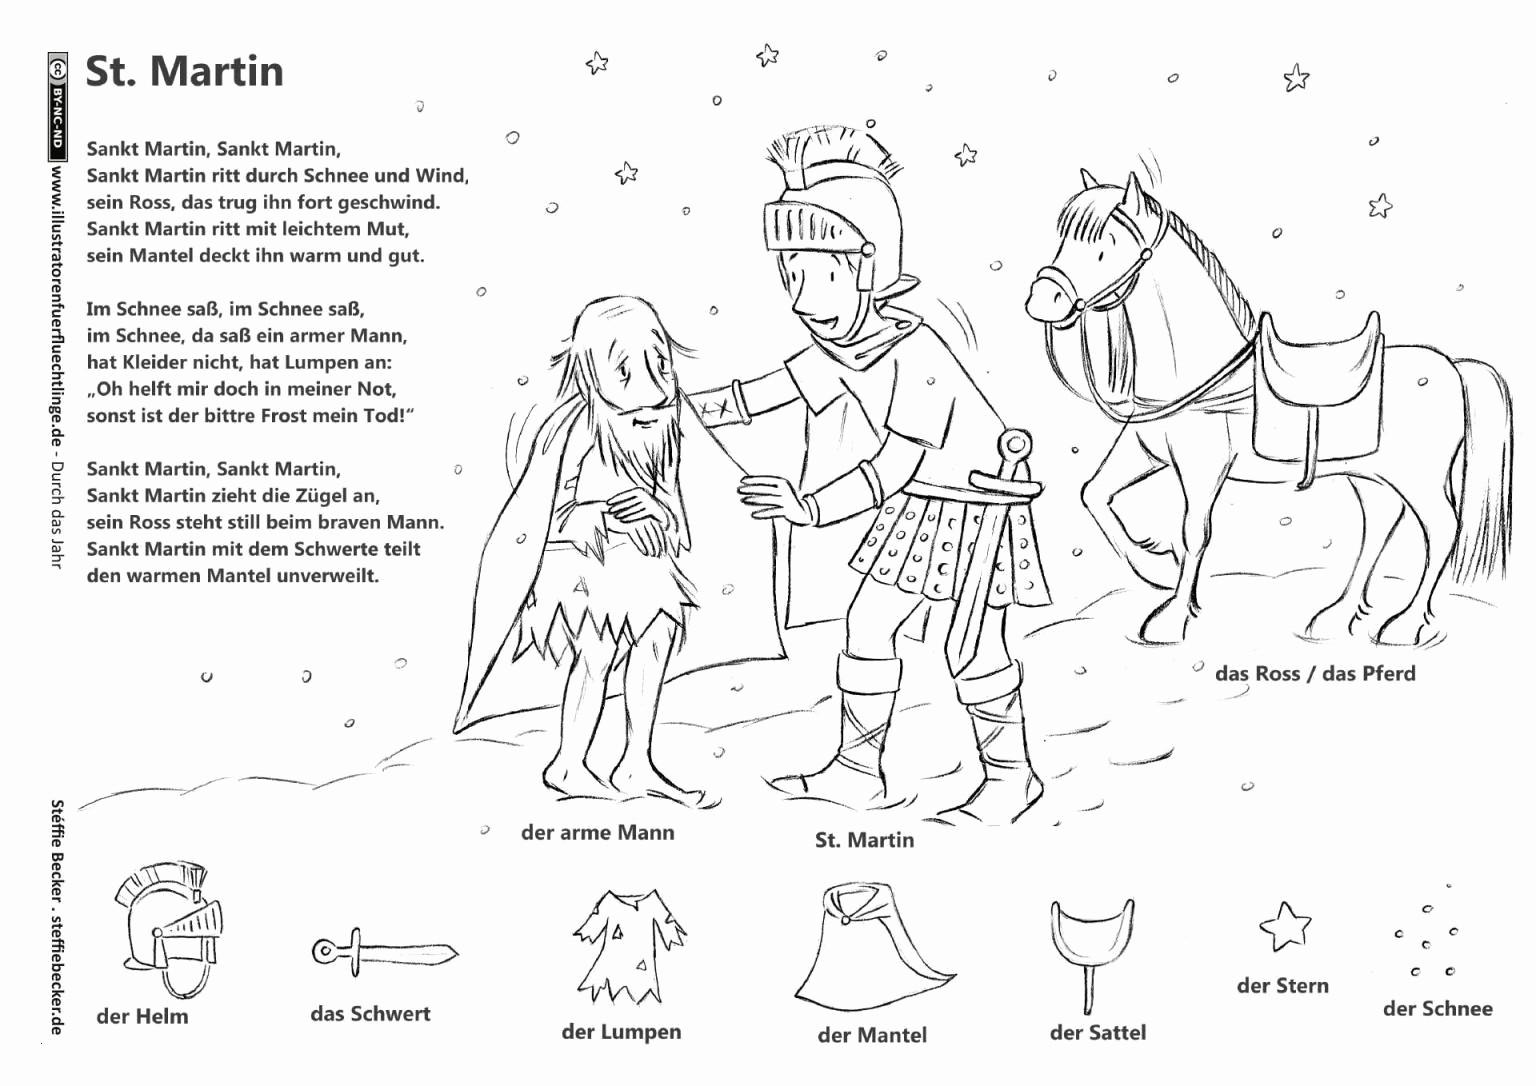 Malvorlagen Anna Und Elsa Genial Ausmalbilder Anna Und Elsa Luxus Malvorlagen Eisprinzessin Bilder